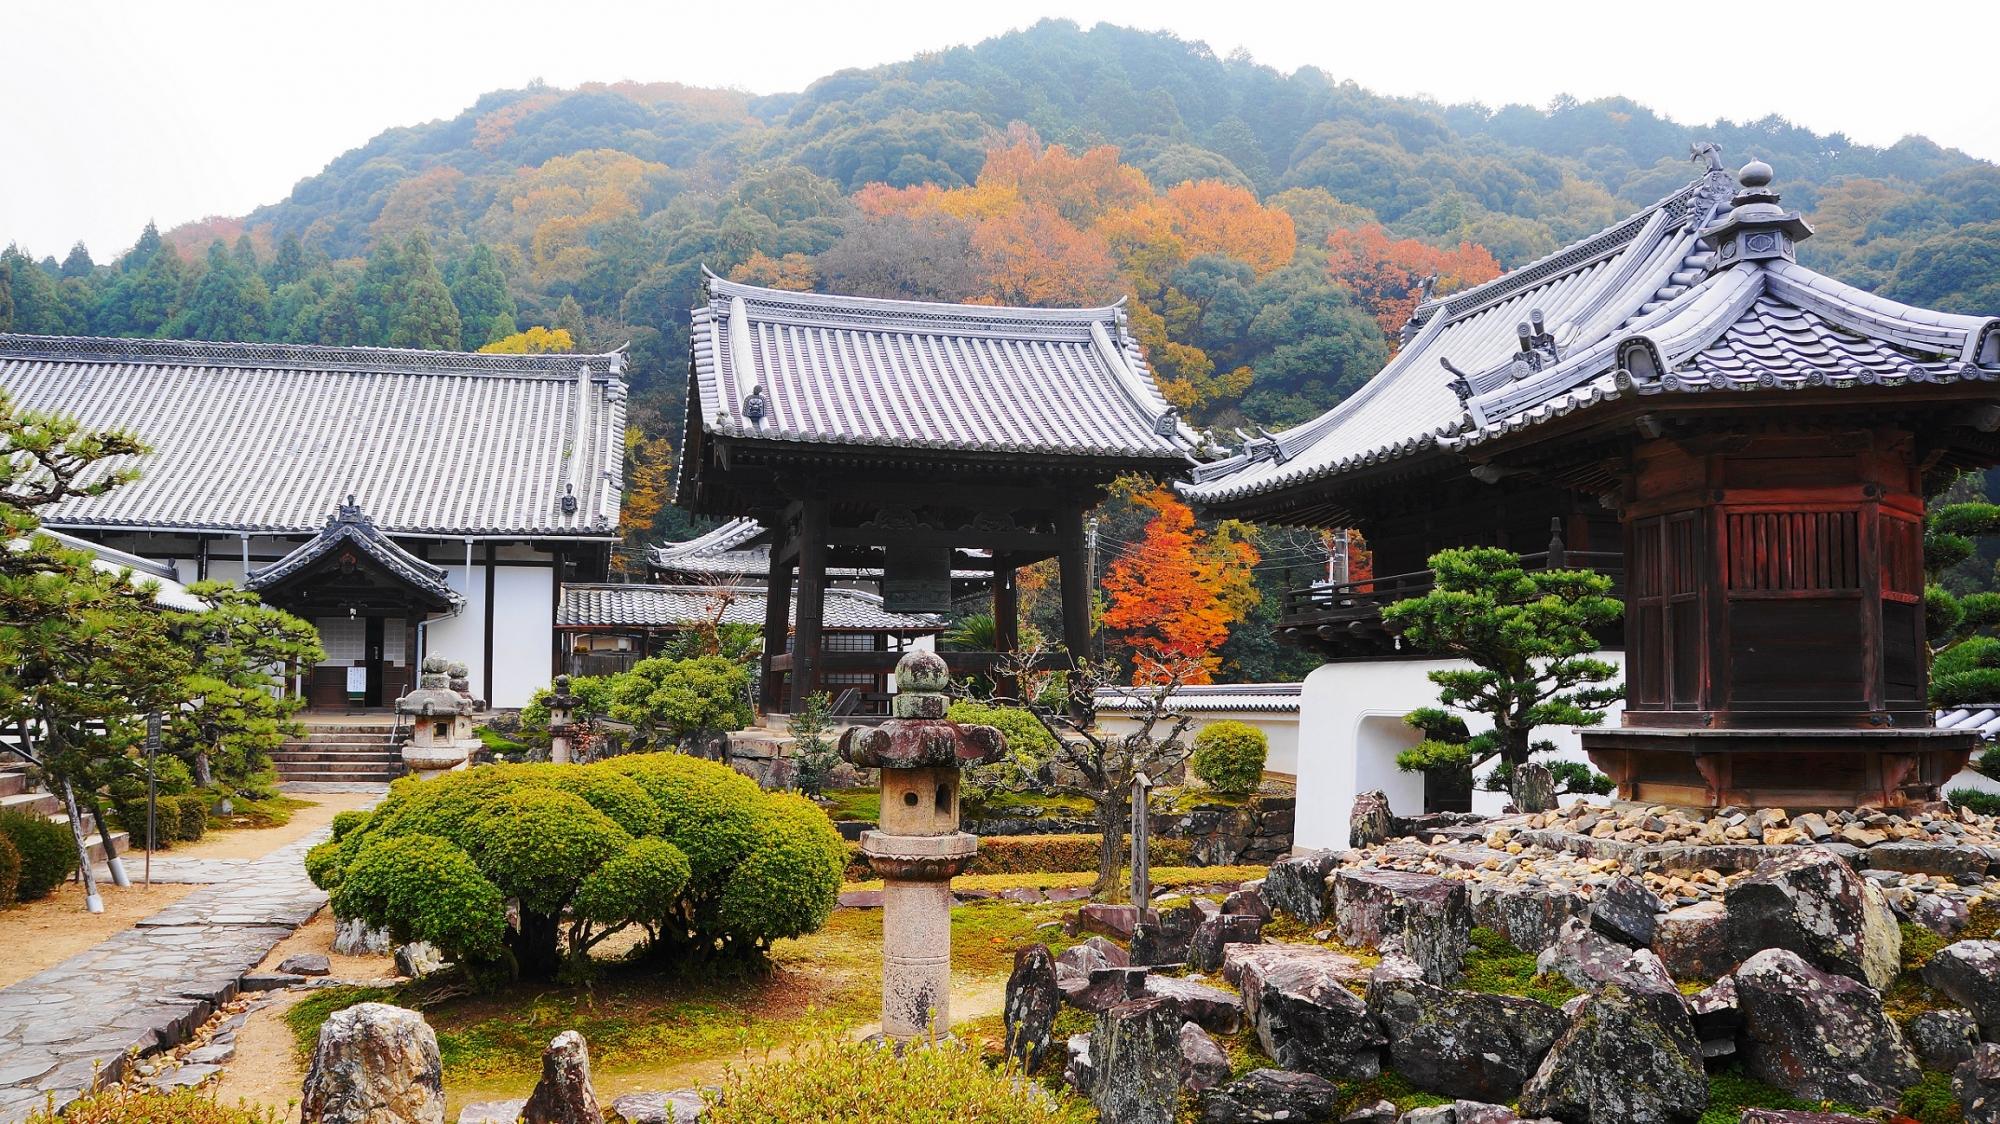 鎮守社や鐘楼の向こうにそびえる秋色に染まる山